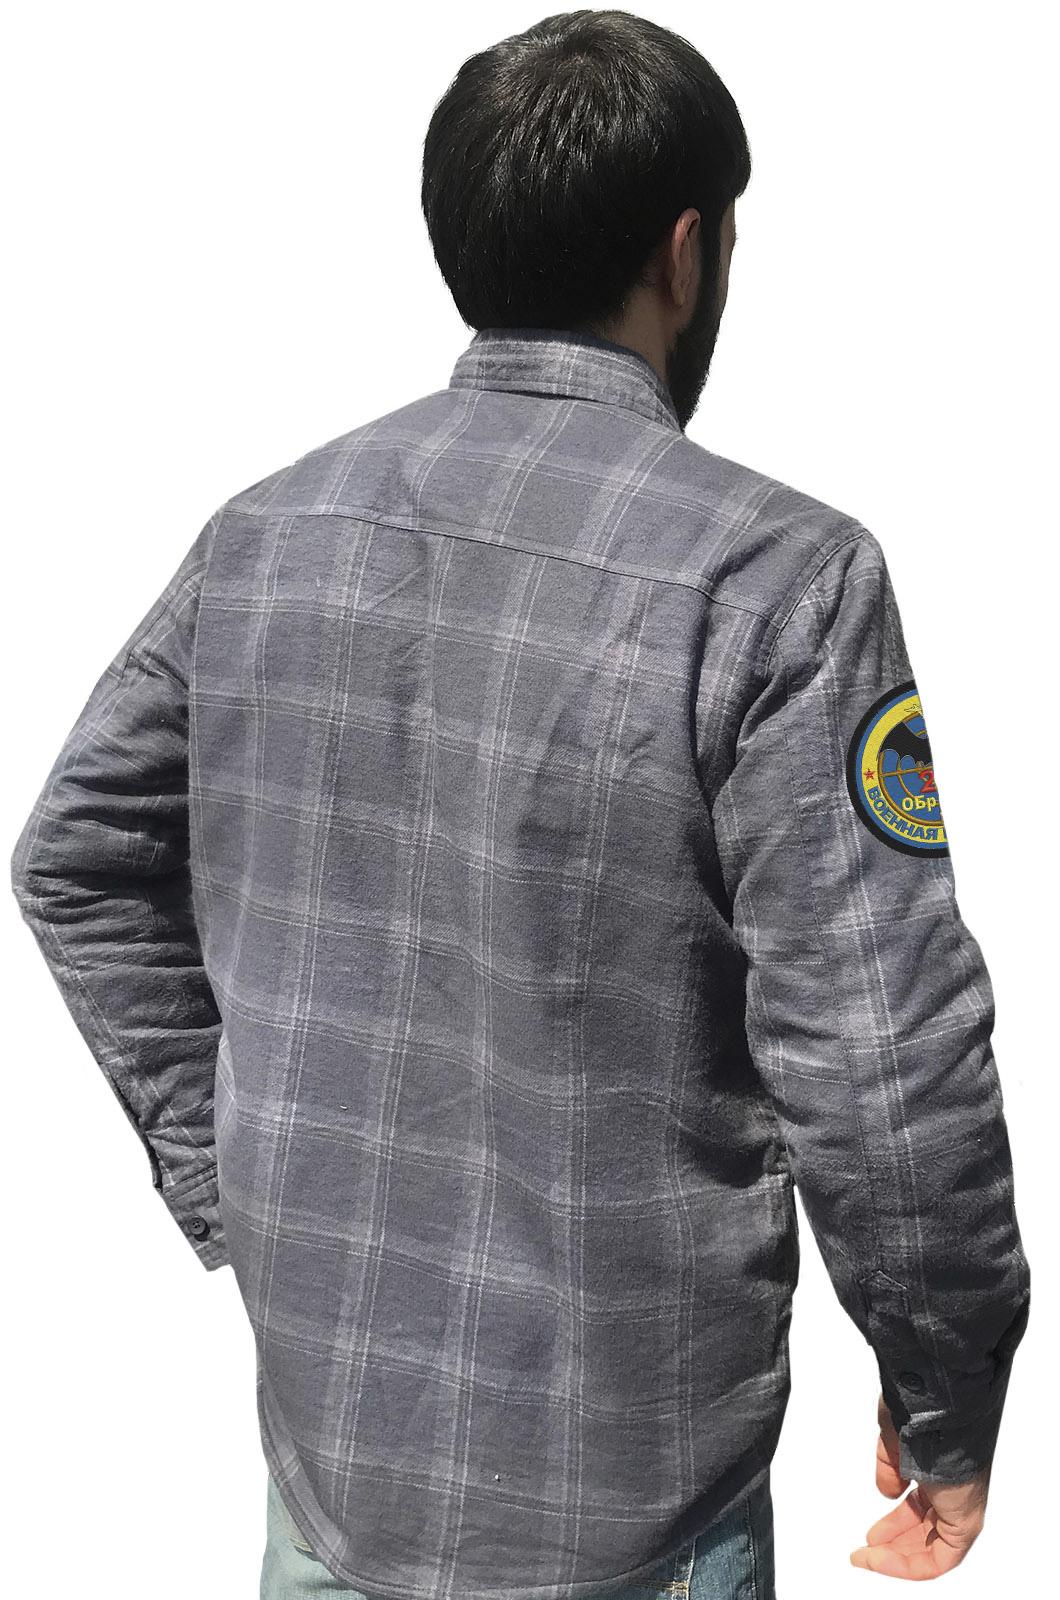 Рубашка с шевроном Военной разведки 24 ОБрСпН заказать оптом и в розницу